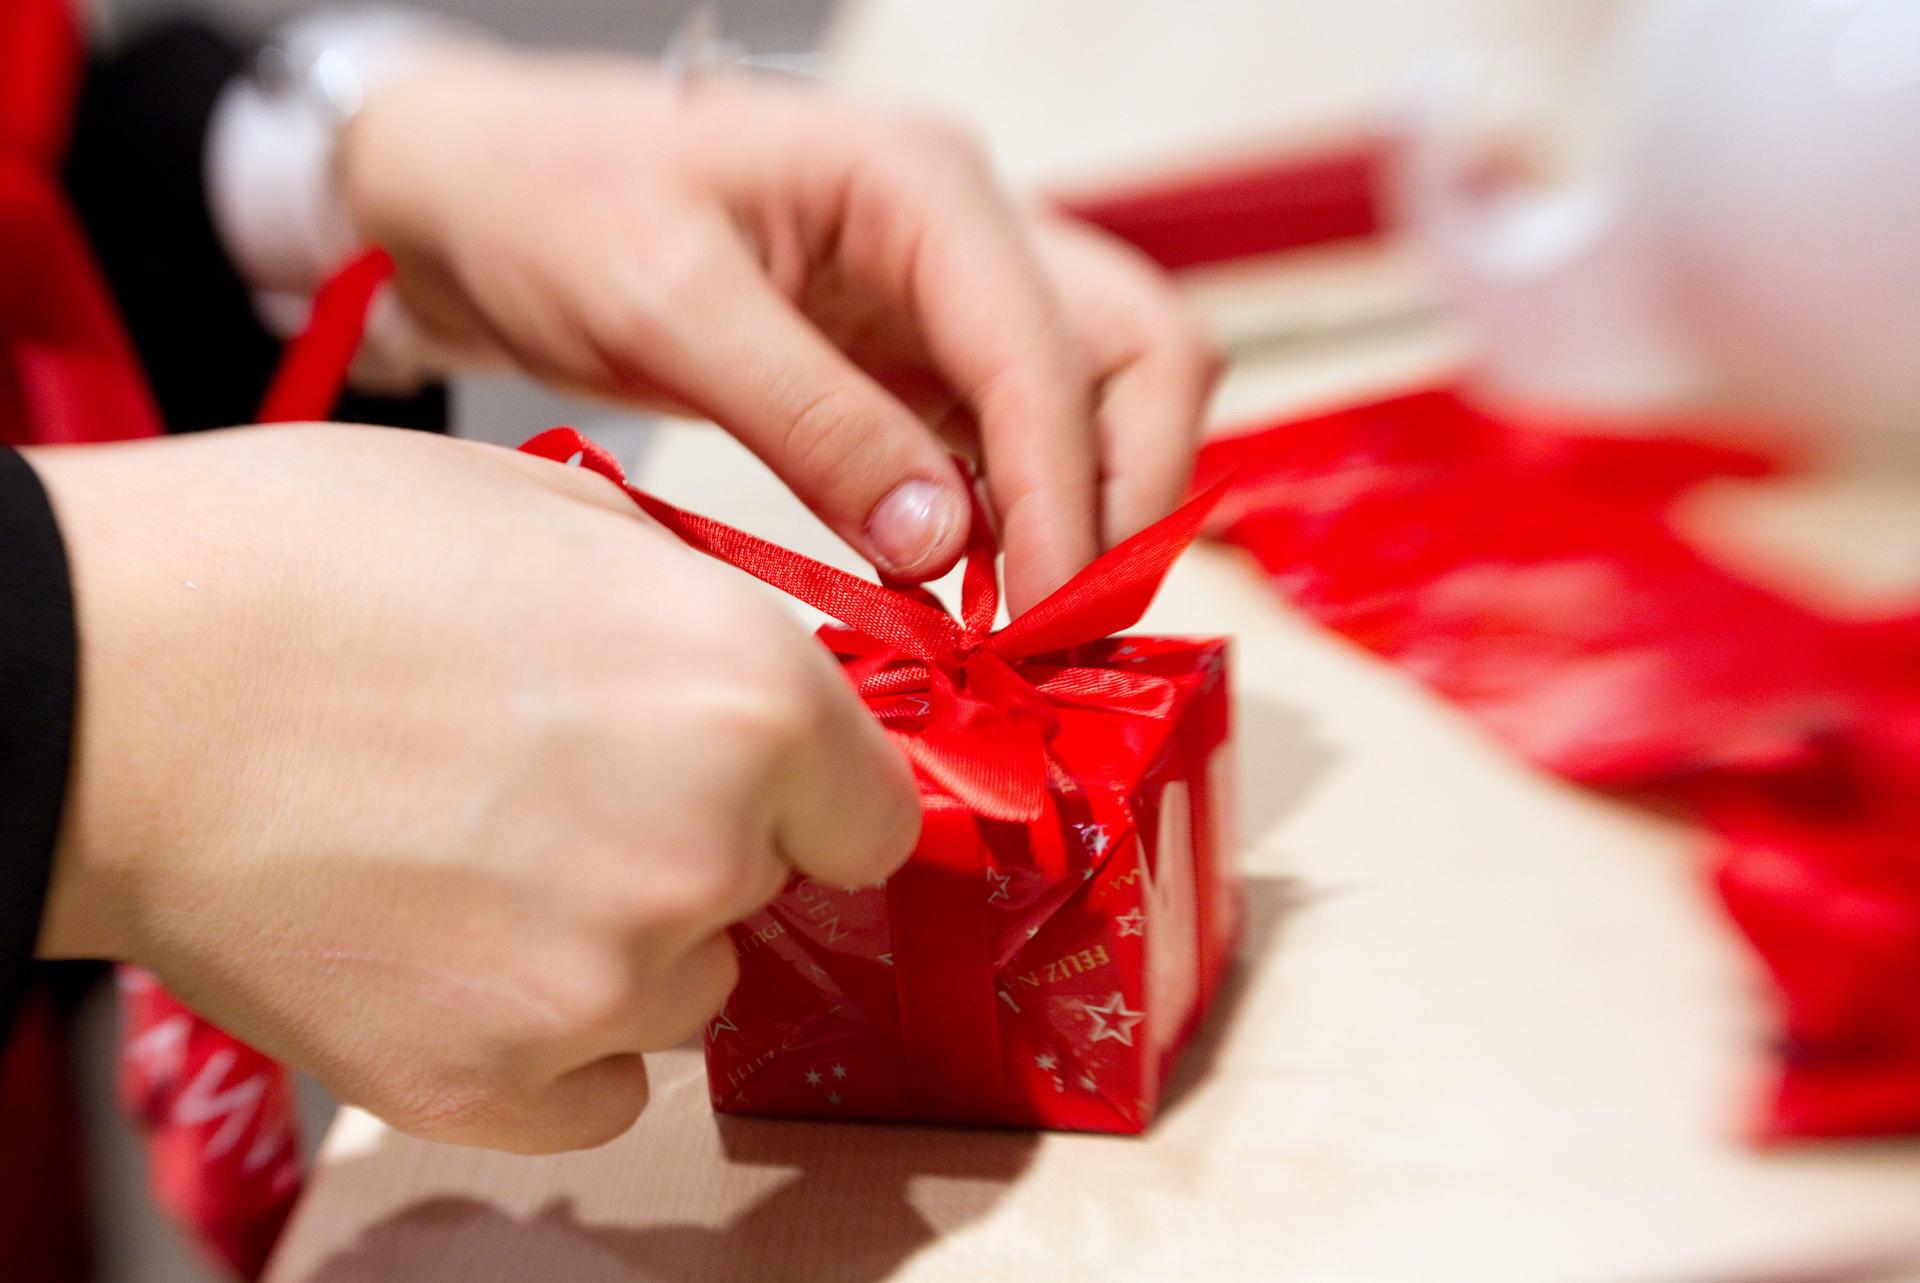 Onlinehandel: Amazon feiert Weihnachten im Hochsommer